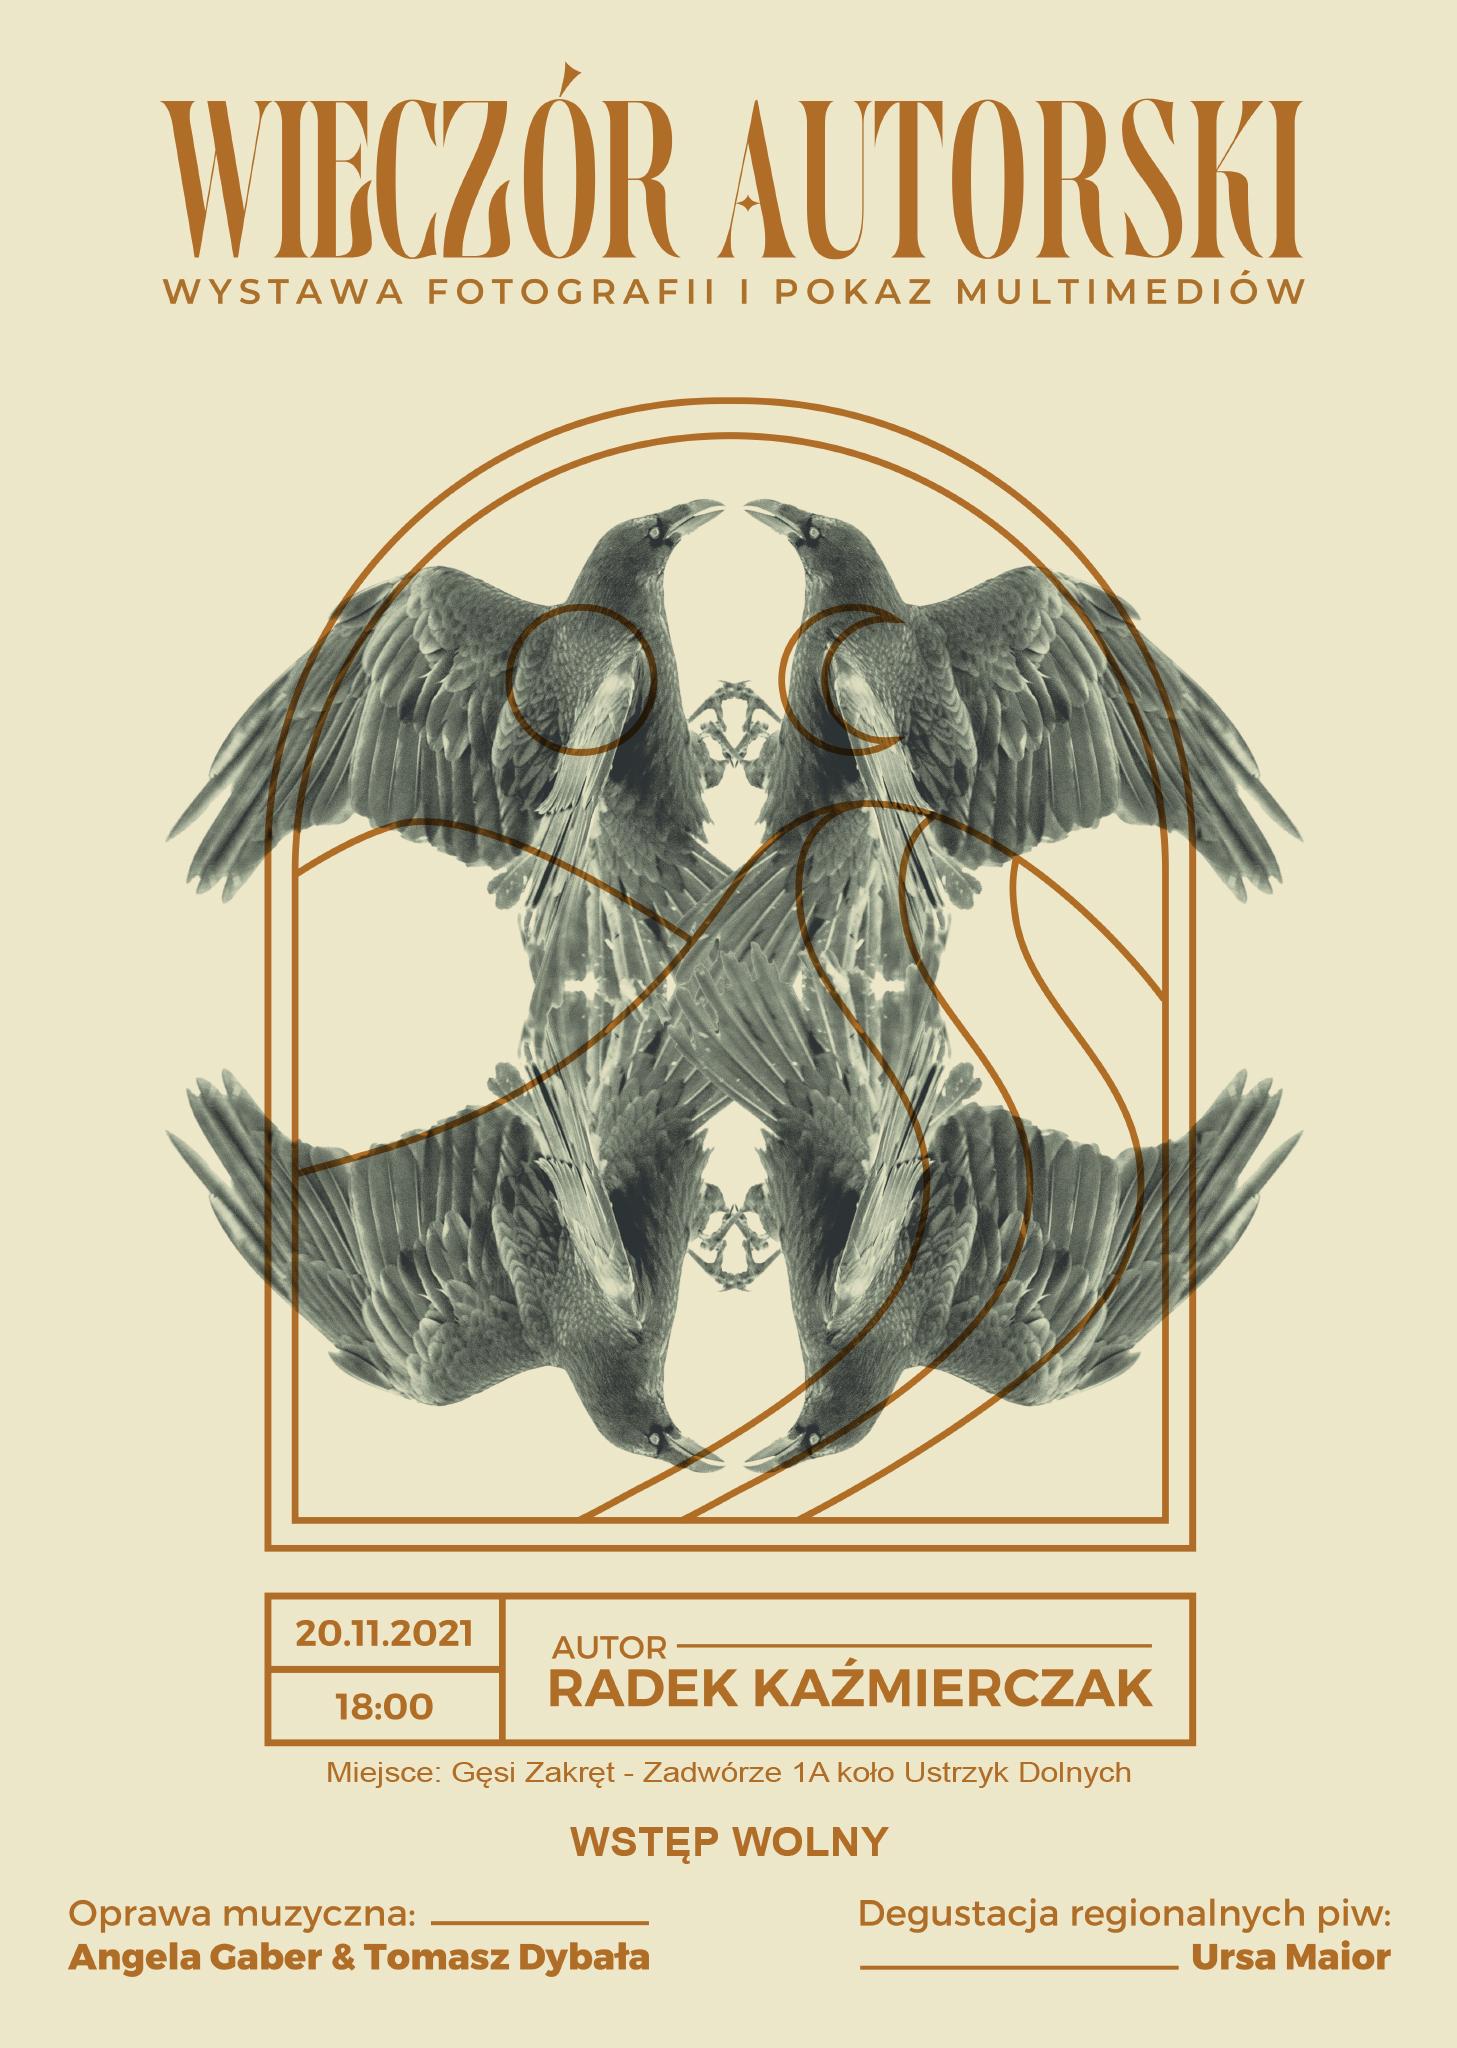 Wstawa fotografii i pokaz multimediow Bieszczady Radek Kazmierczak